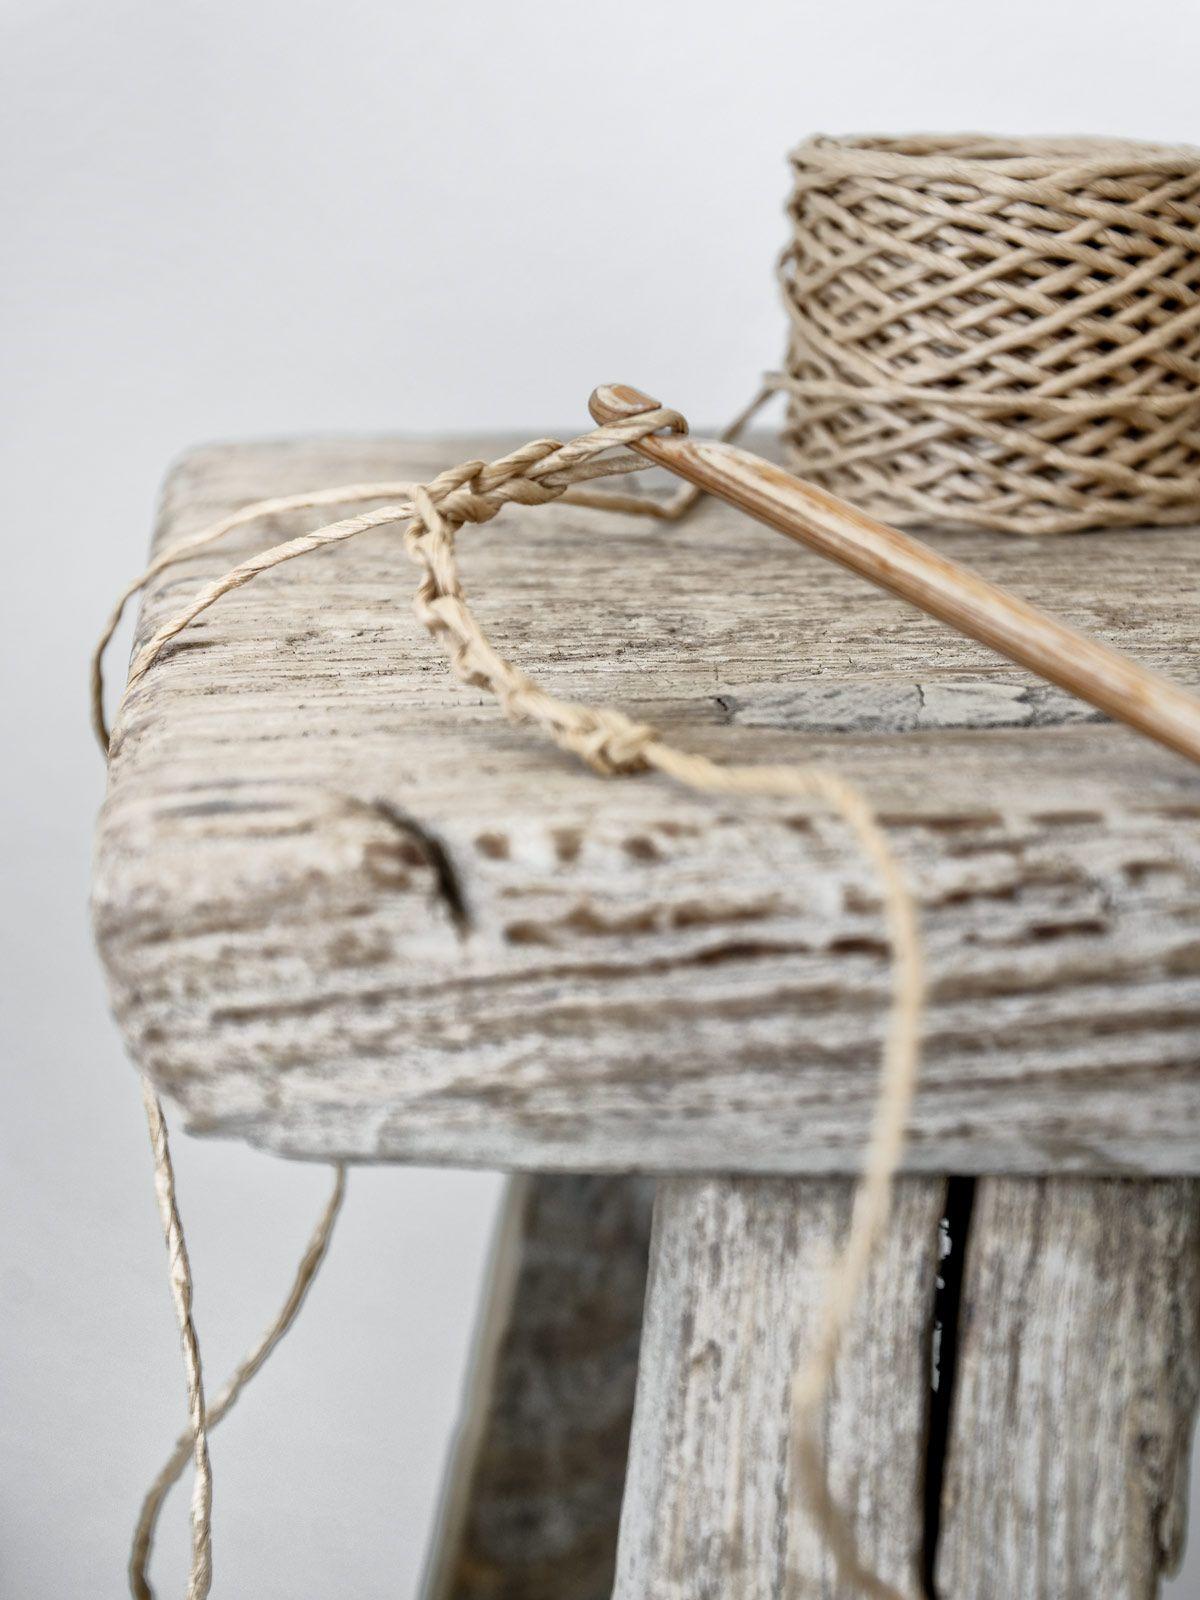 kolumne mx living diy pinterest stricken und h keln h keln und stricken. Black Bedroom Furniture Sets. Home Design Ideas